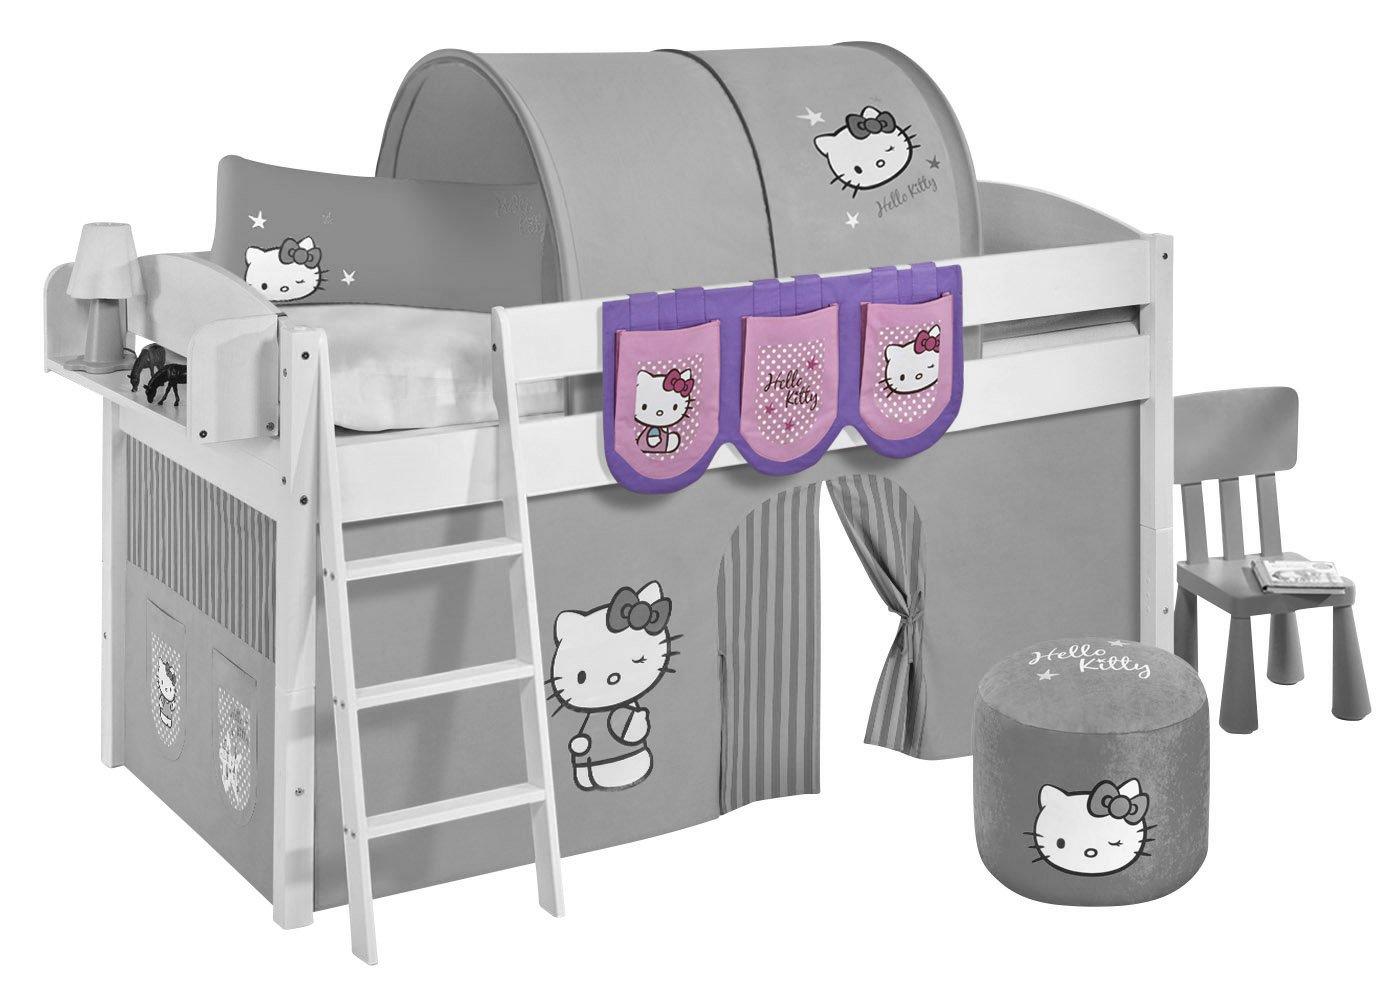 Hängetaschen Hello Kitty Lila Lilokids für Hochbett Spielbett und Etagenbett Violett jetzt kaufen